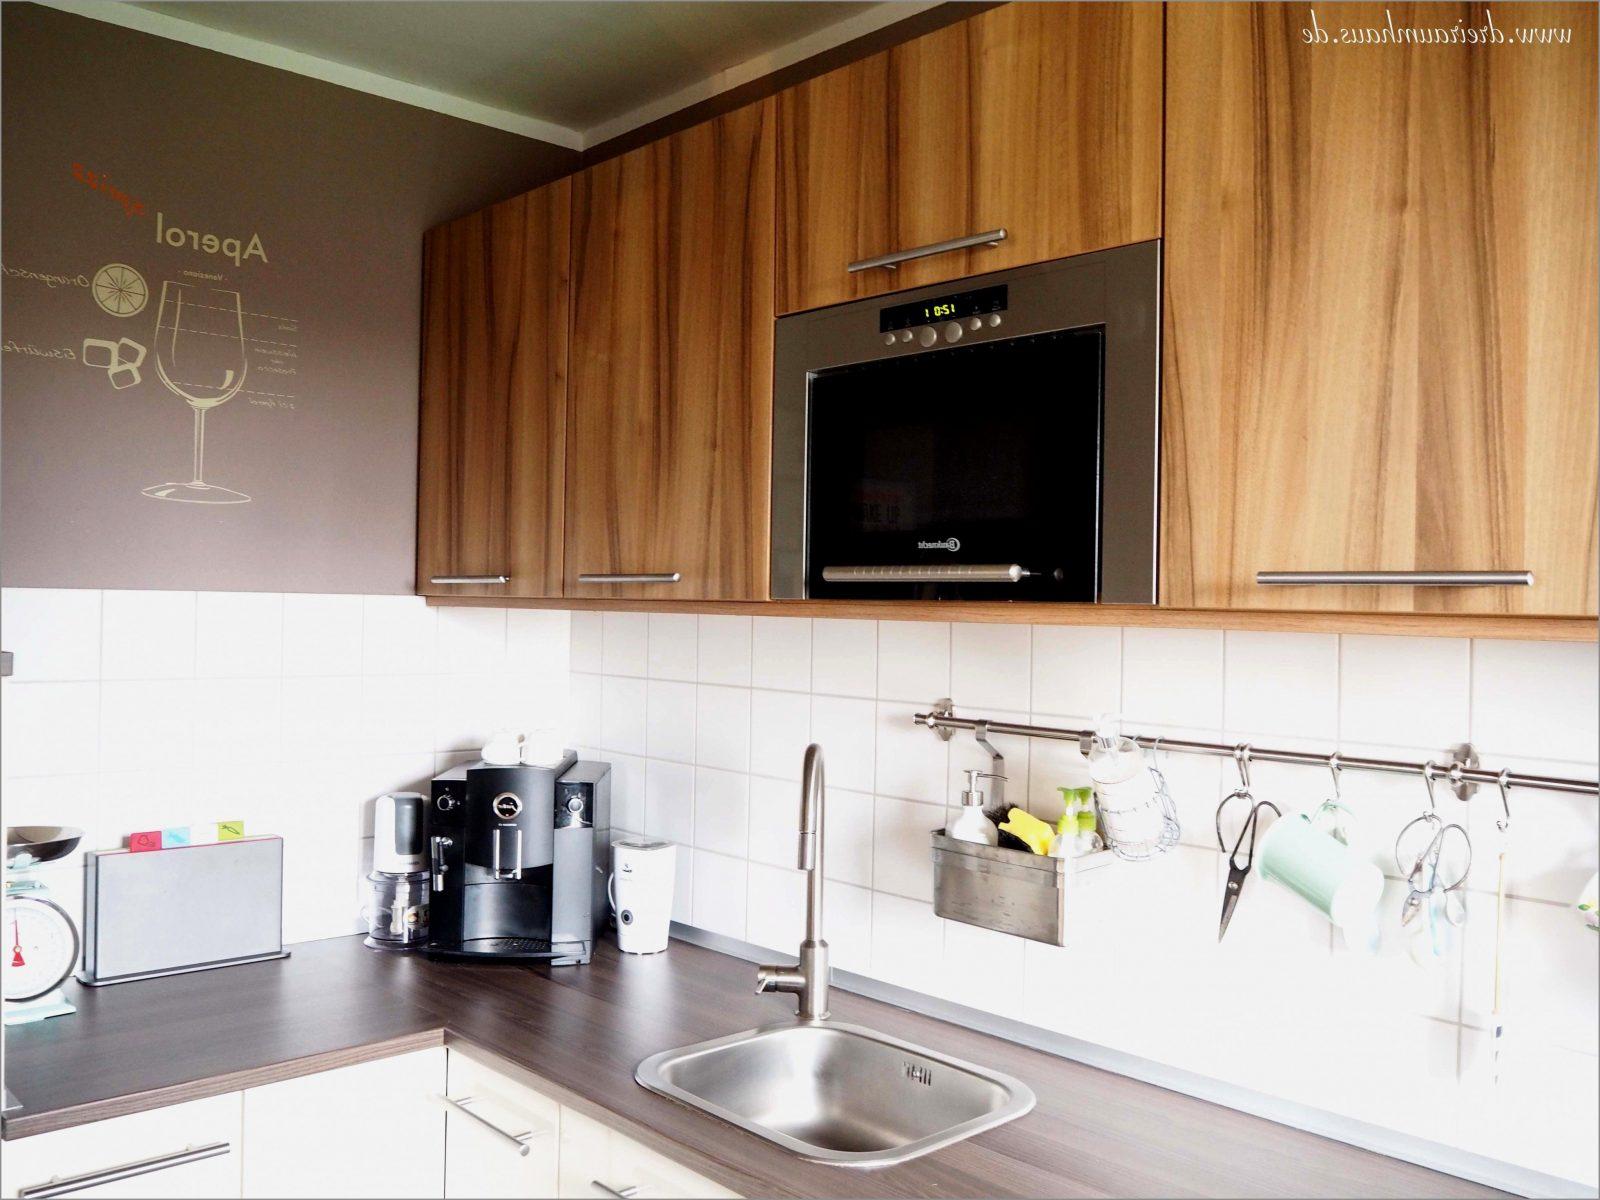 Küche Wandpaneel Elegant Wandverkleidung Küche Selber Machen  Kala von Wandverkleidung Küche Selber Machen Bild